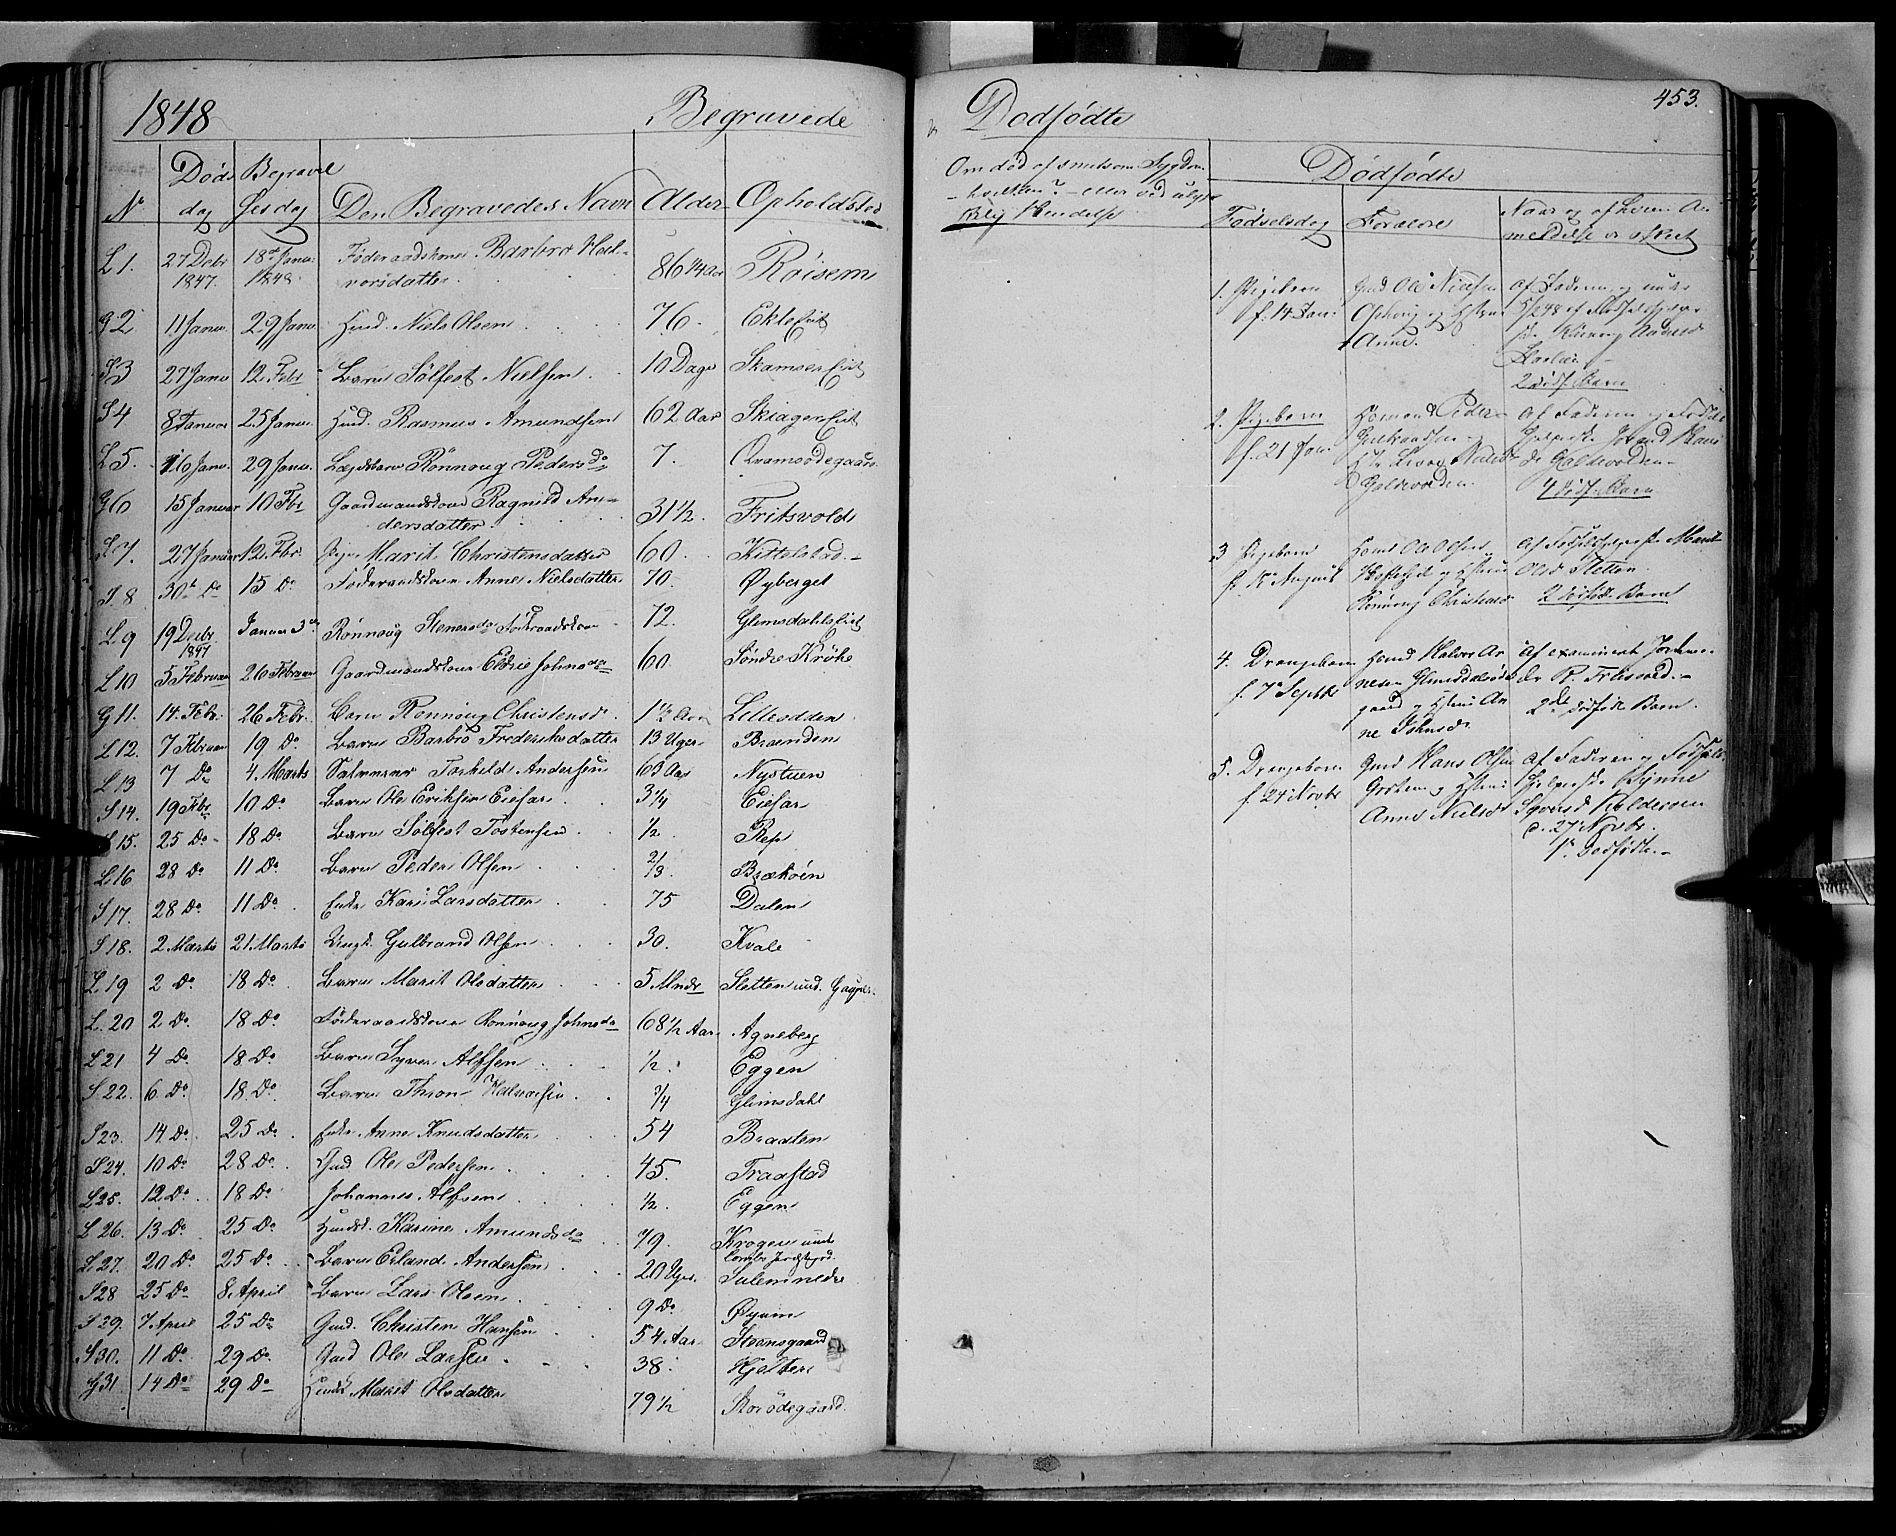 SAH, Lom prestekontor, K/L0006: Ministerialbok nr. 6B, 1837-1863, s. 453